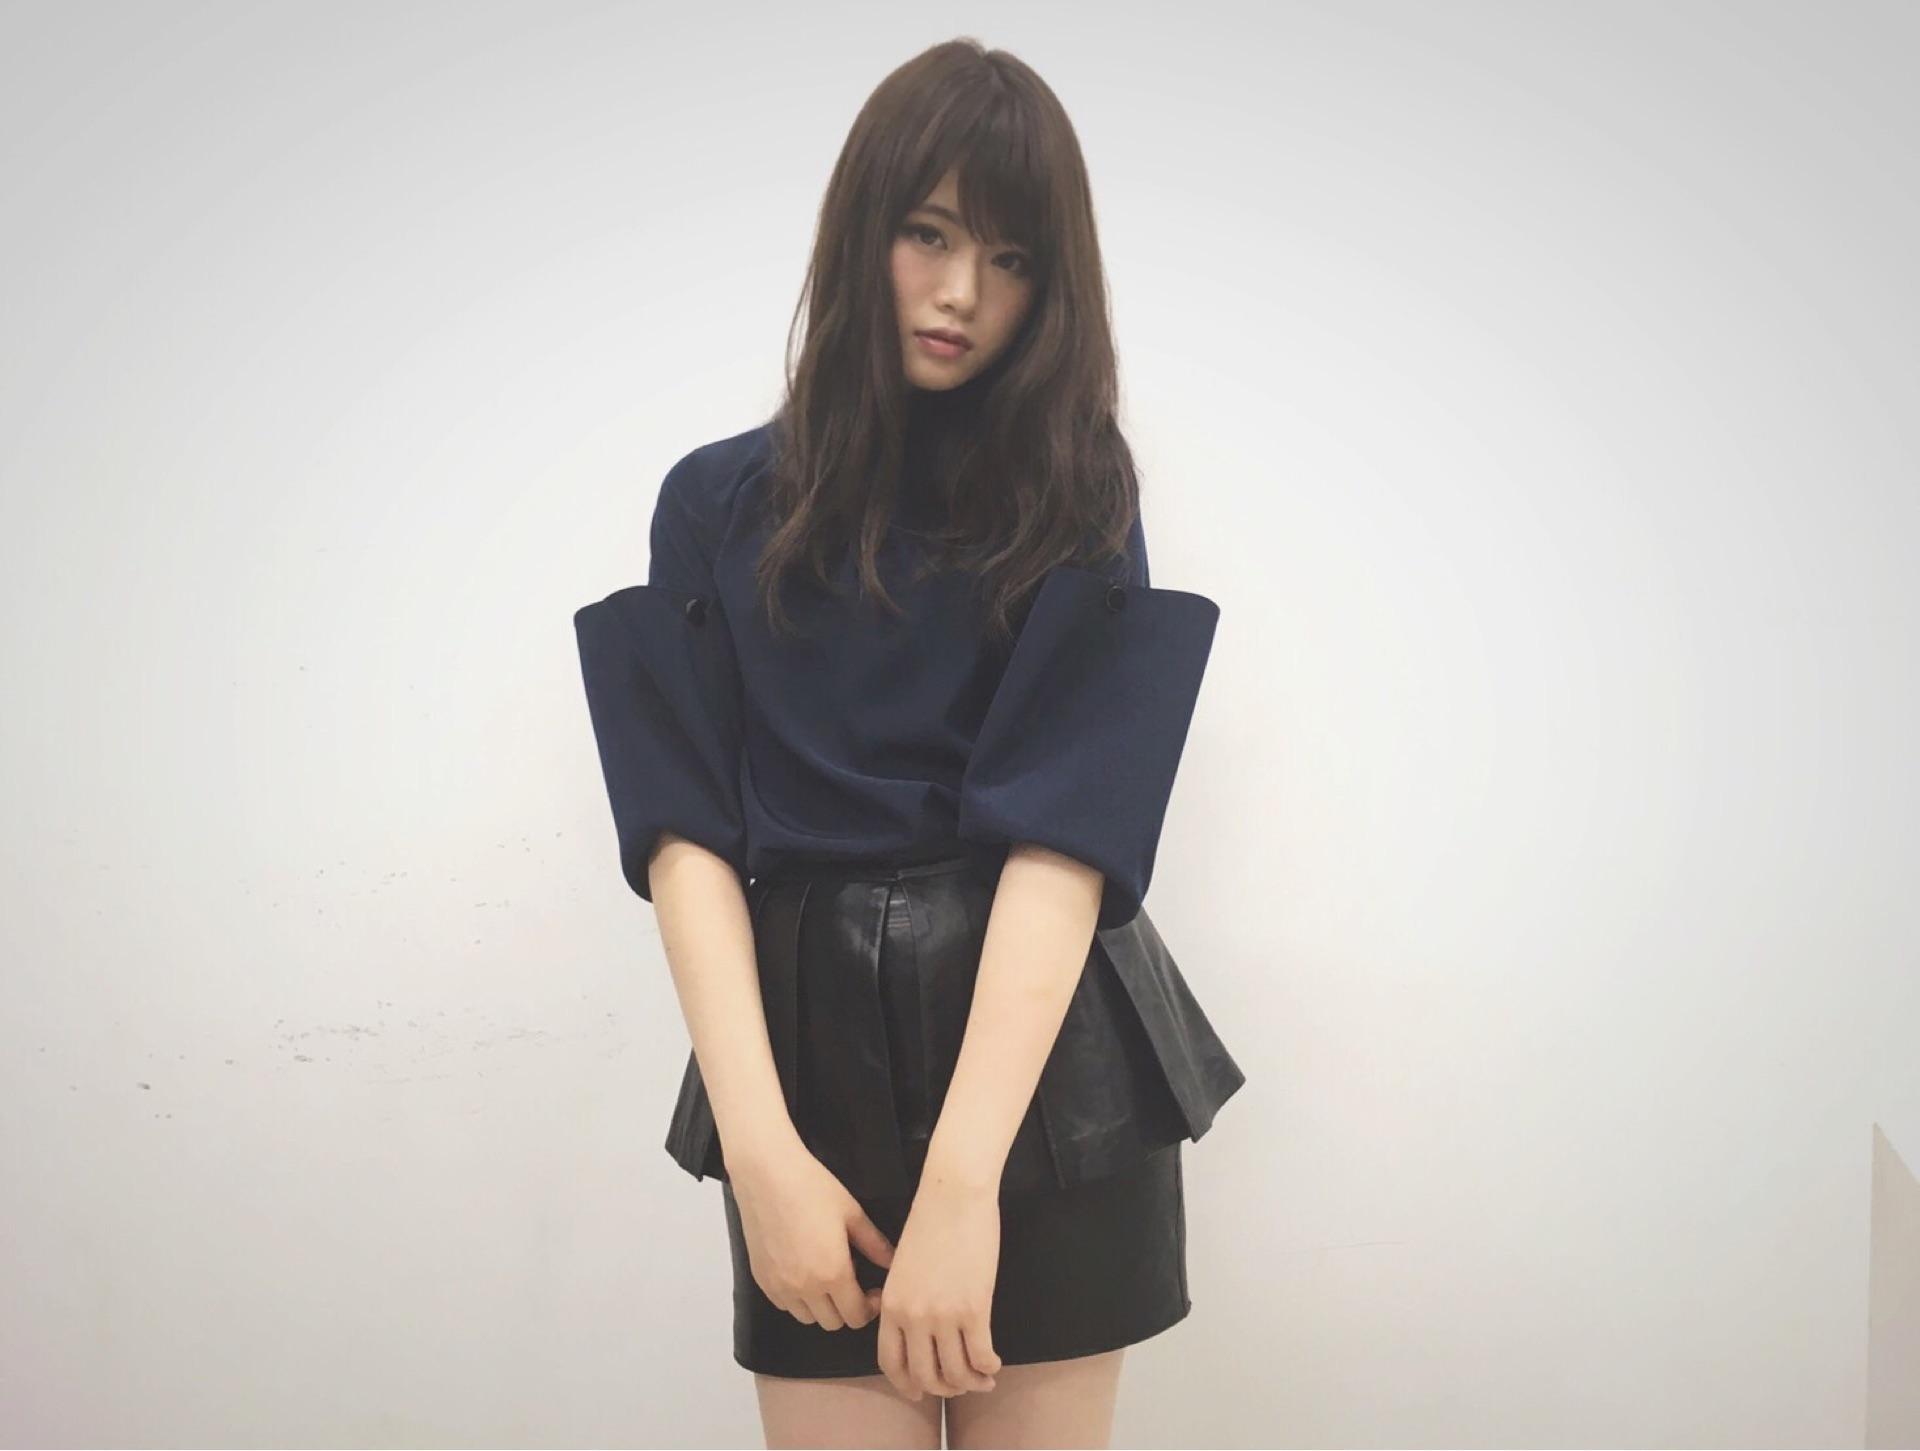 洋服が素敵な山崎怜奈さん